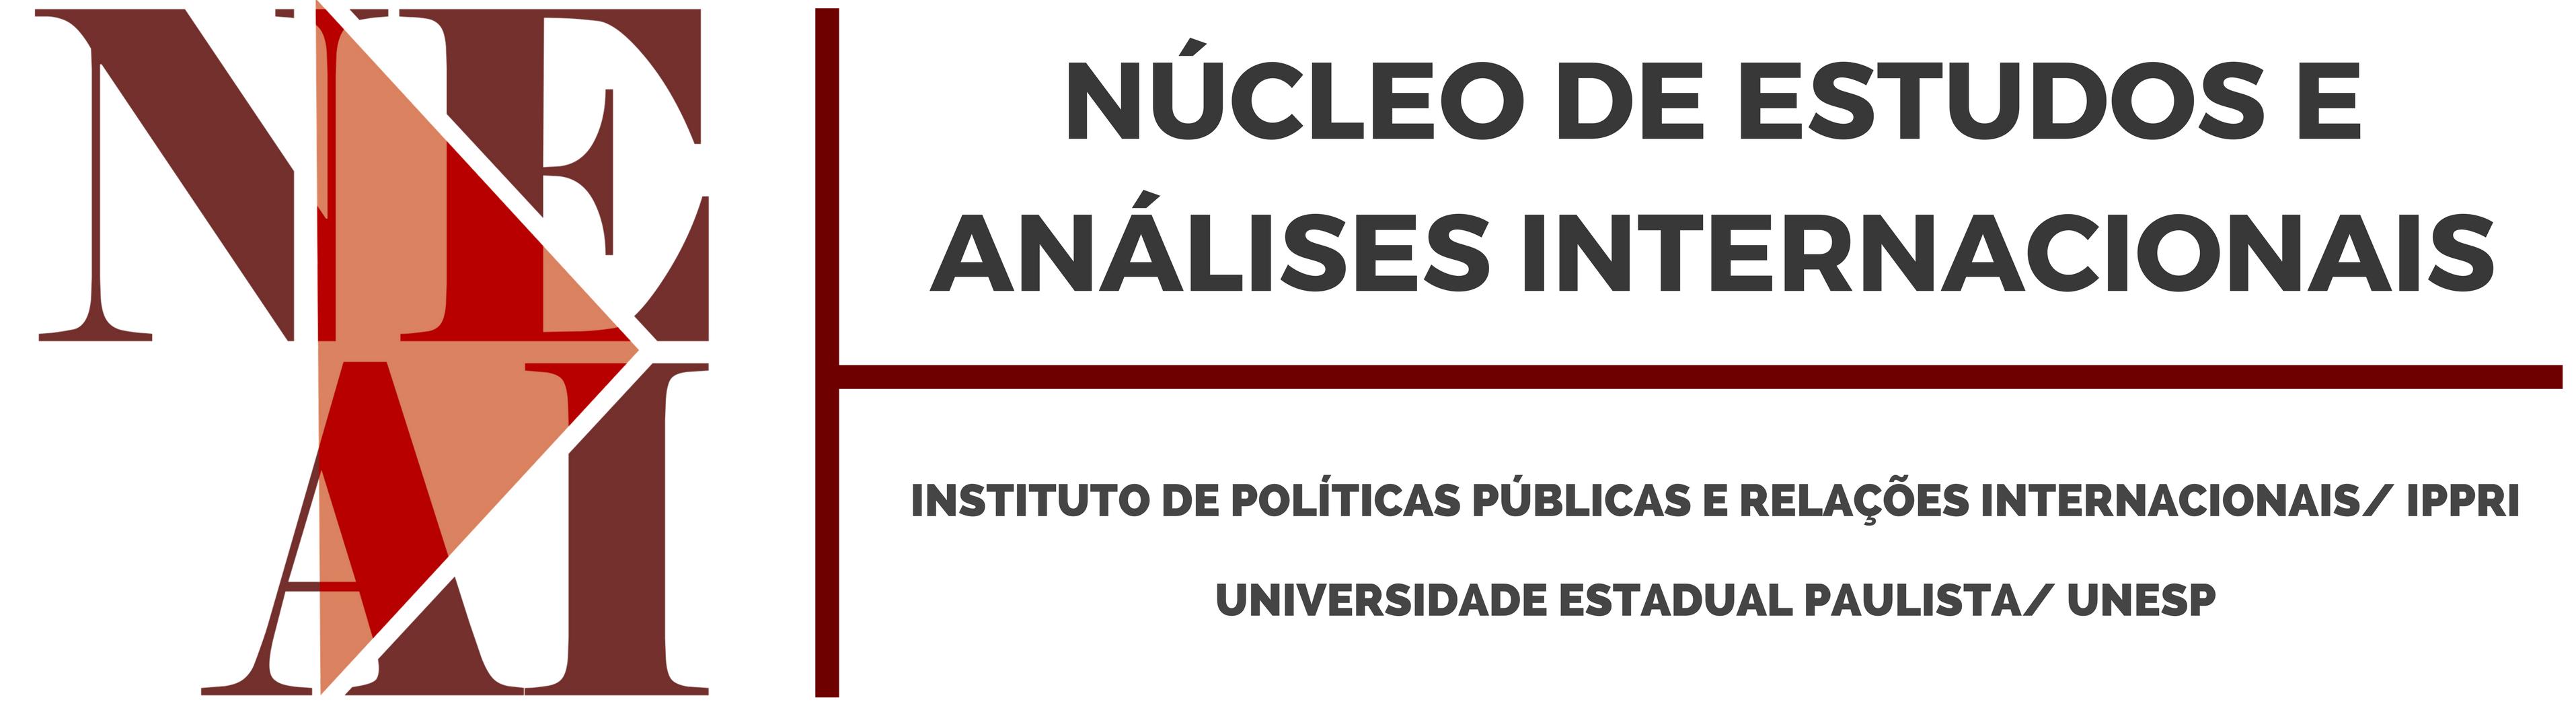 NEAI – Núcleo de Estudos e Análises Internacionais